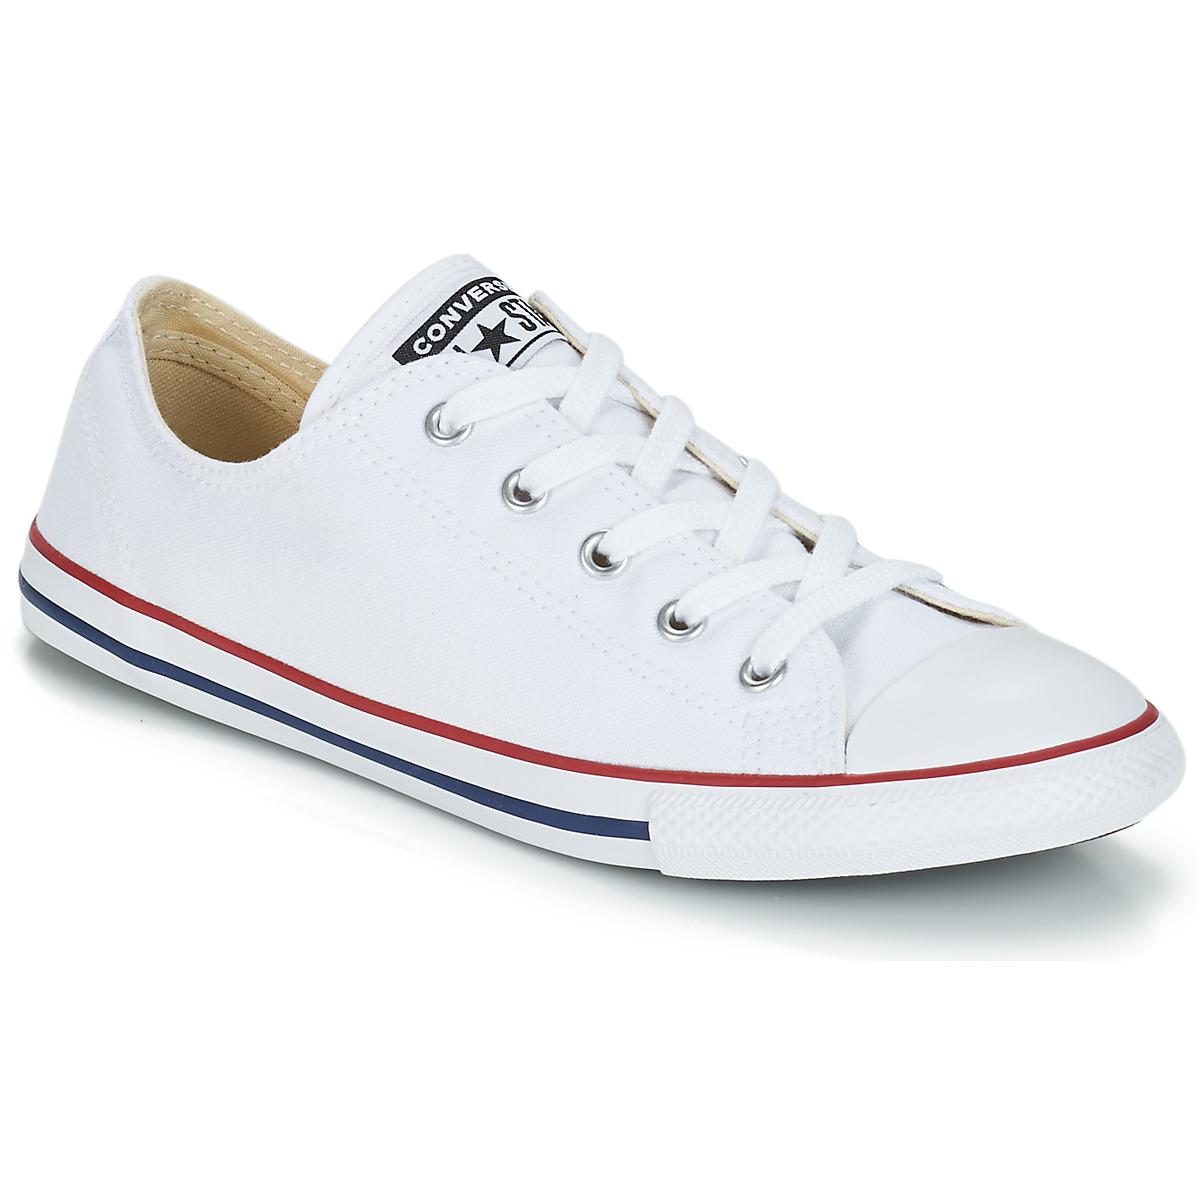 Nizke tenisky Converse ALL STAR DAINTY OX Bílá / Červená